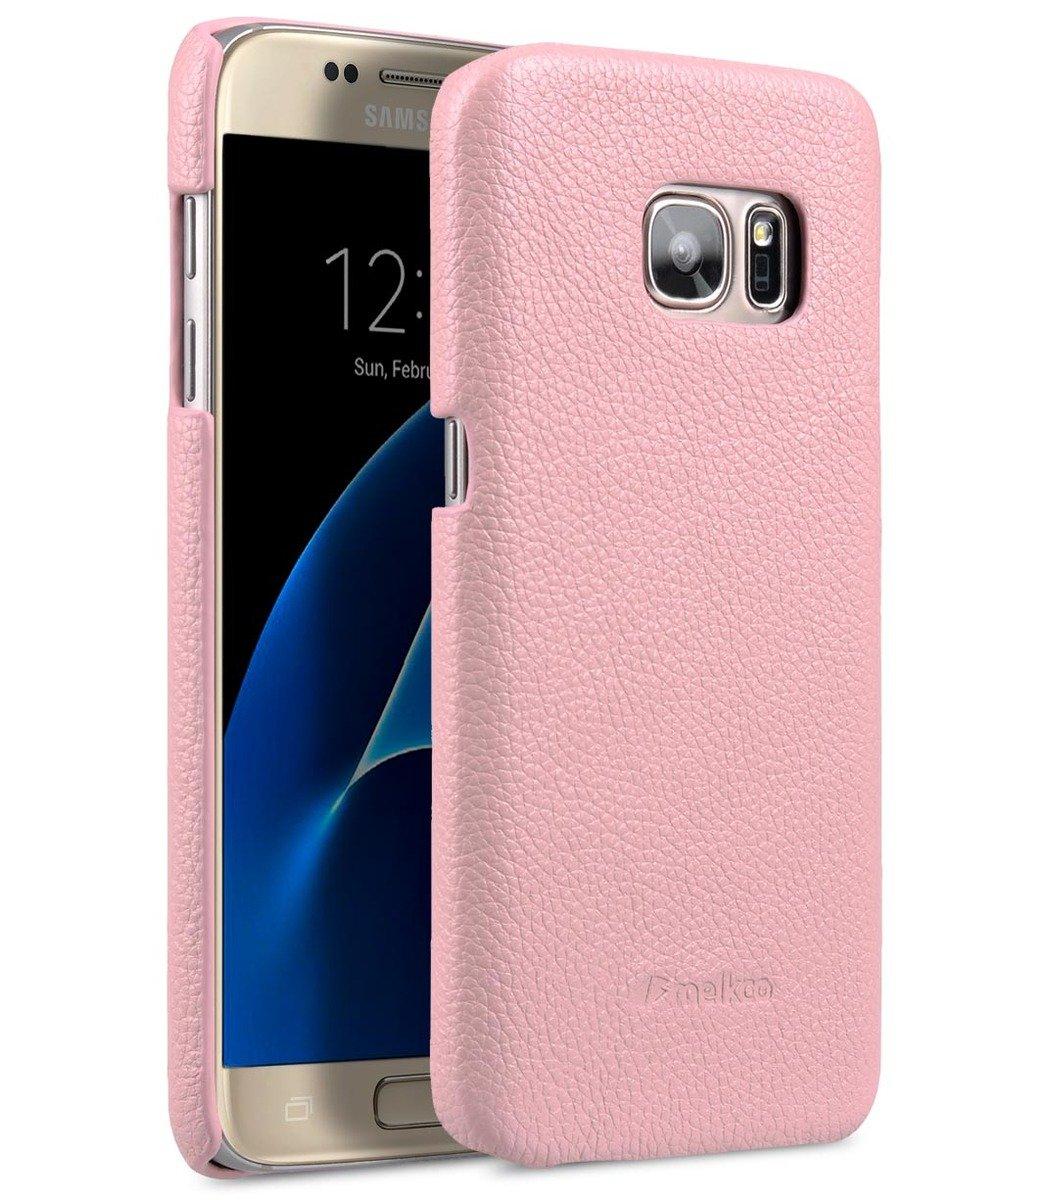 Samsung Galaxy S7 荔枝紋真皮背殼 (粉紅色)